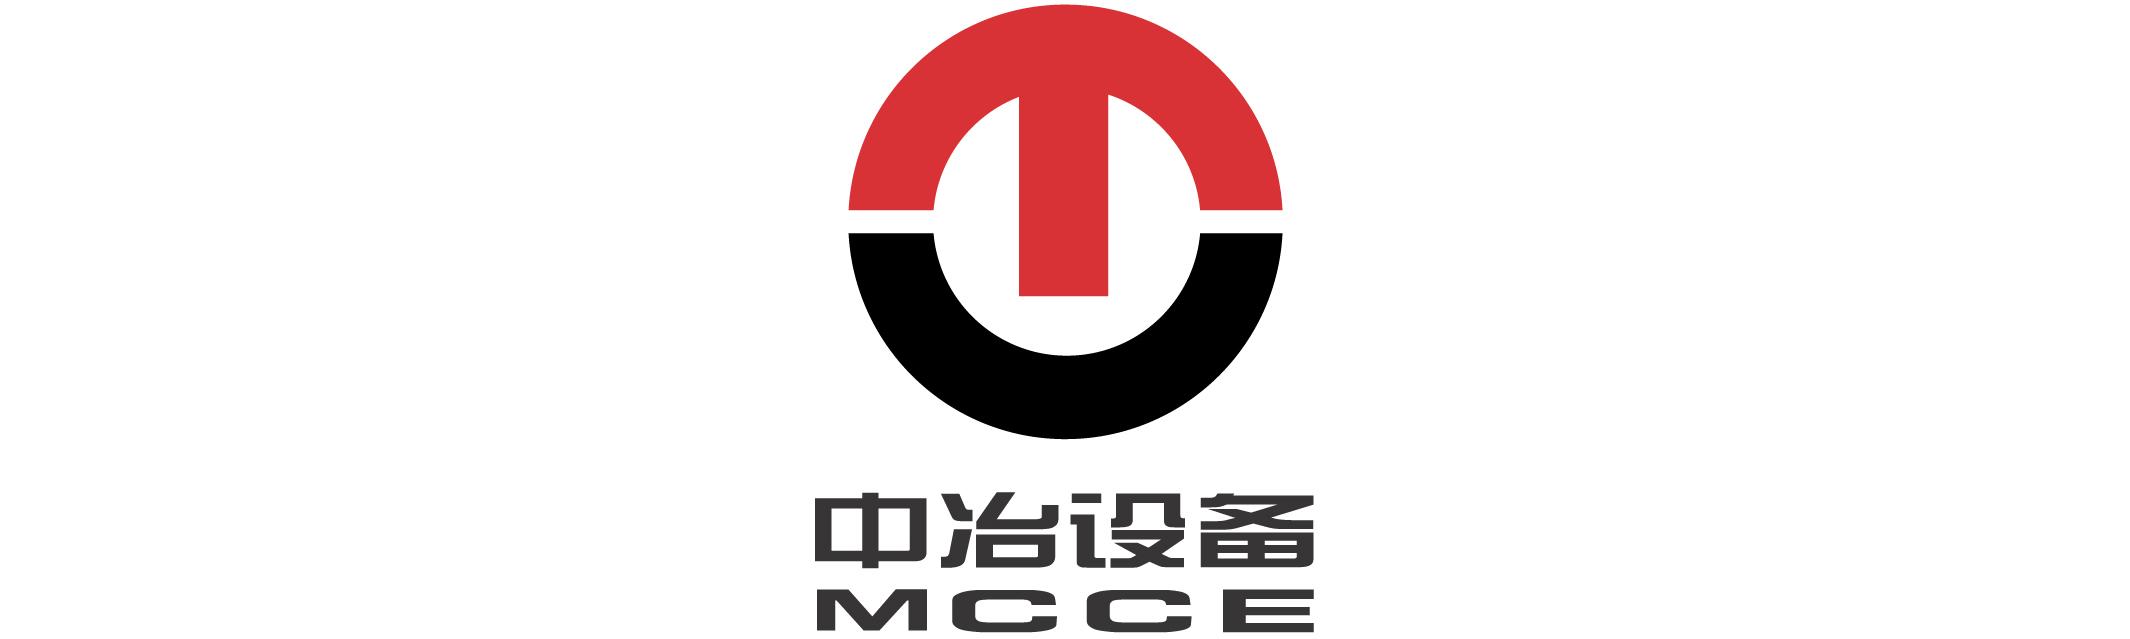 北京中冶设备研究设计总院有限公司